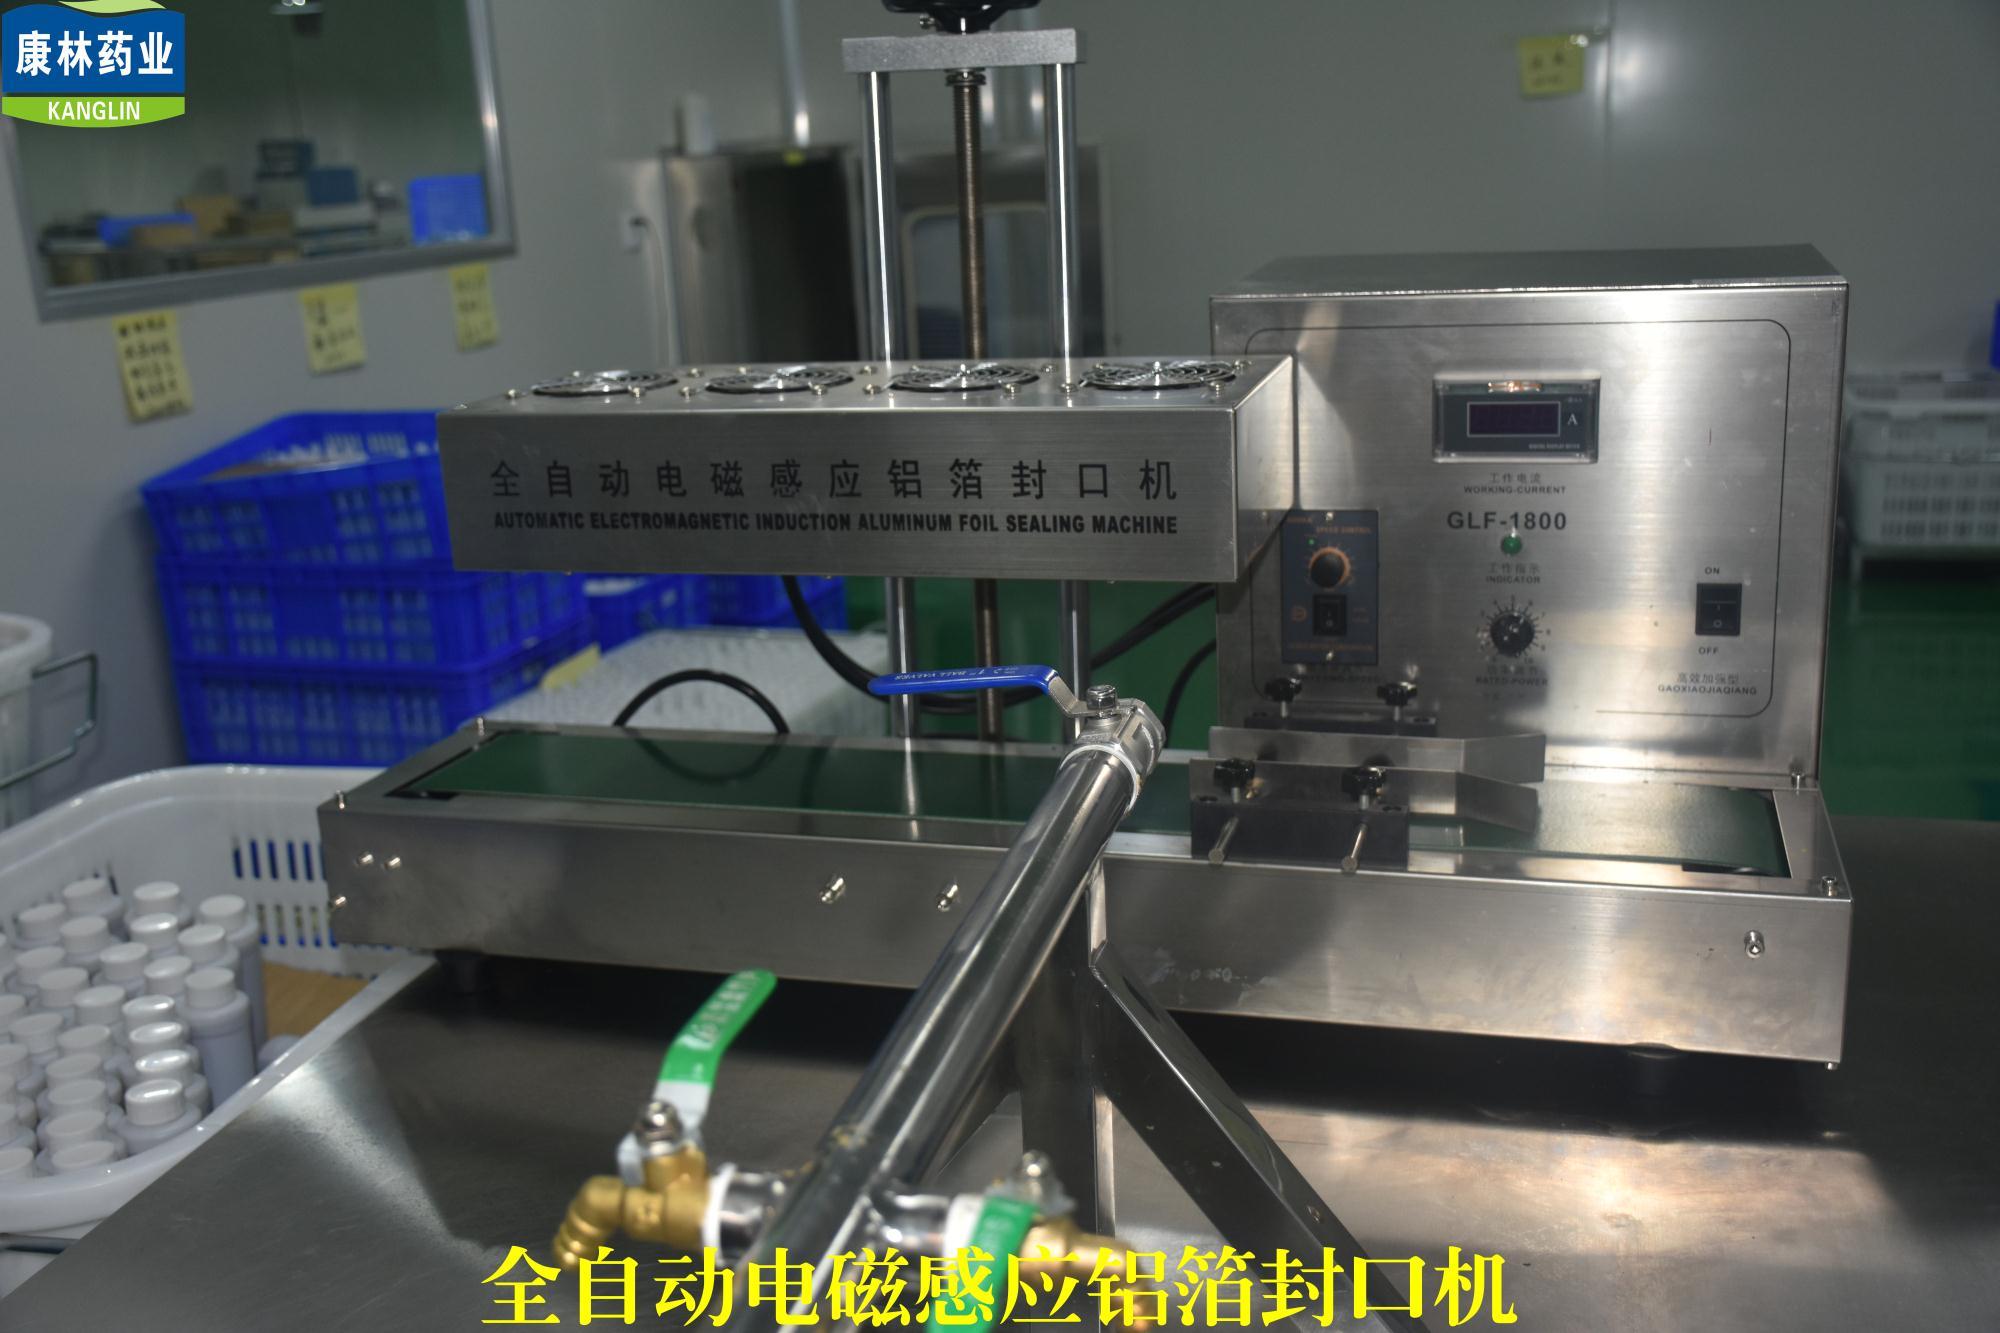 全自动电磁感应铝箔封口机